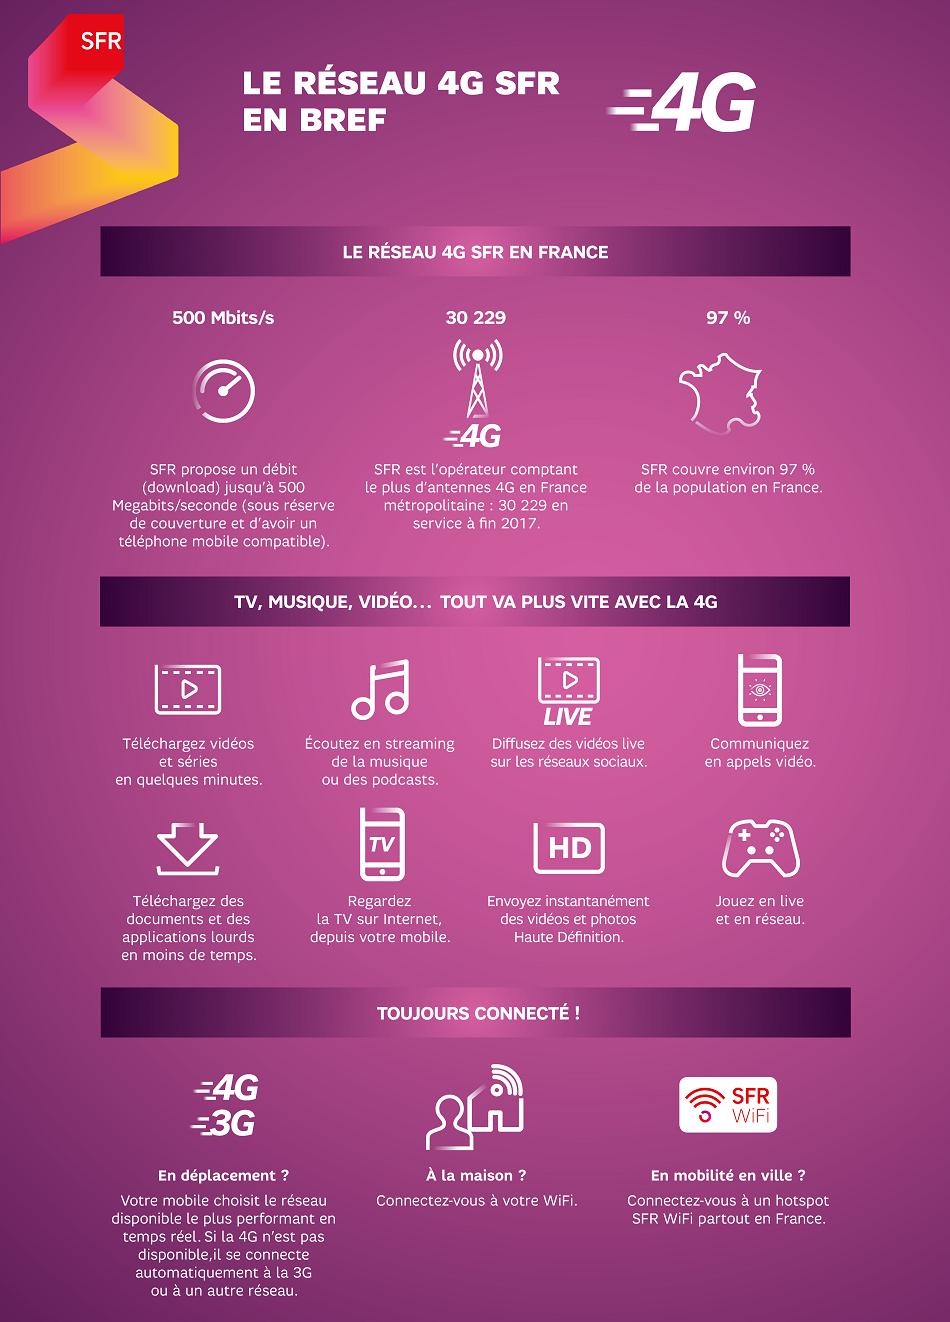 infographie_reseau_4G_sfr